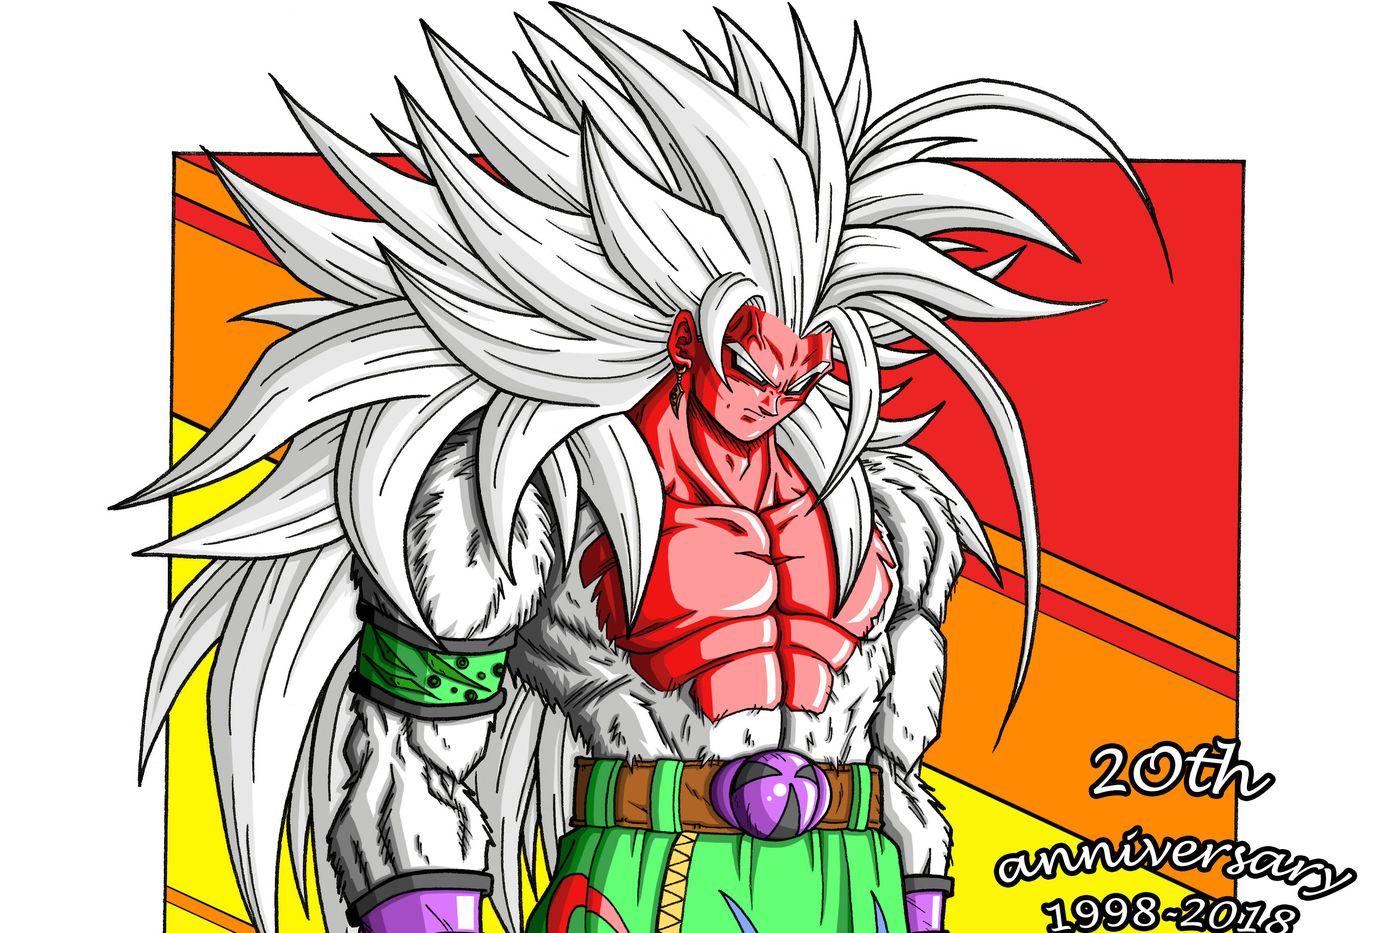 How A Super Saiyan 5 Fan Art Hoax Transformed The Dragon Ball